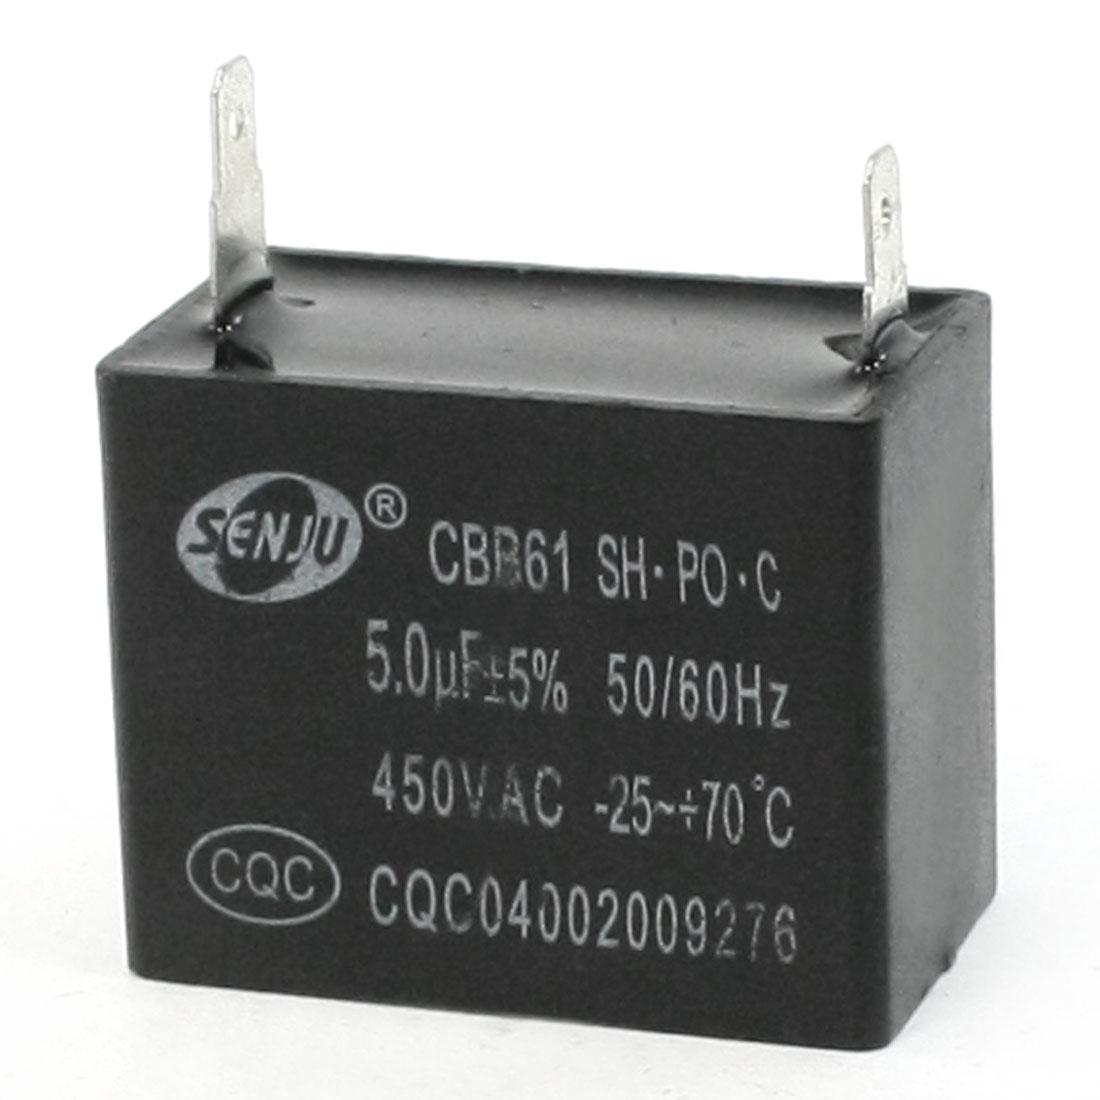 CBB61 5uF AC 450V 2-Terminal Rectangle Motor Capacitor 50/60Hz